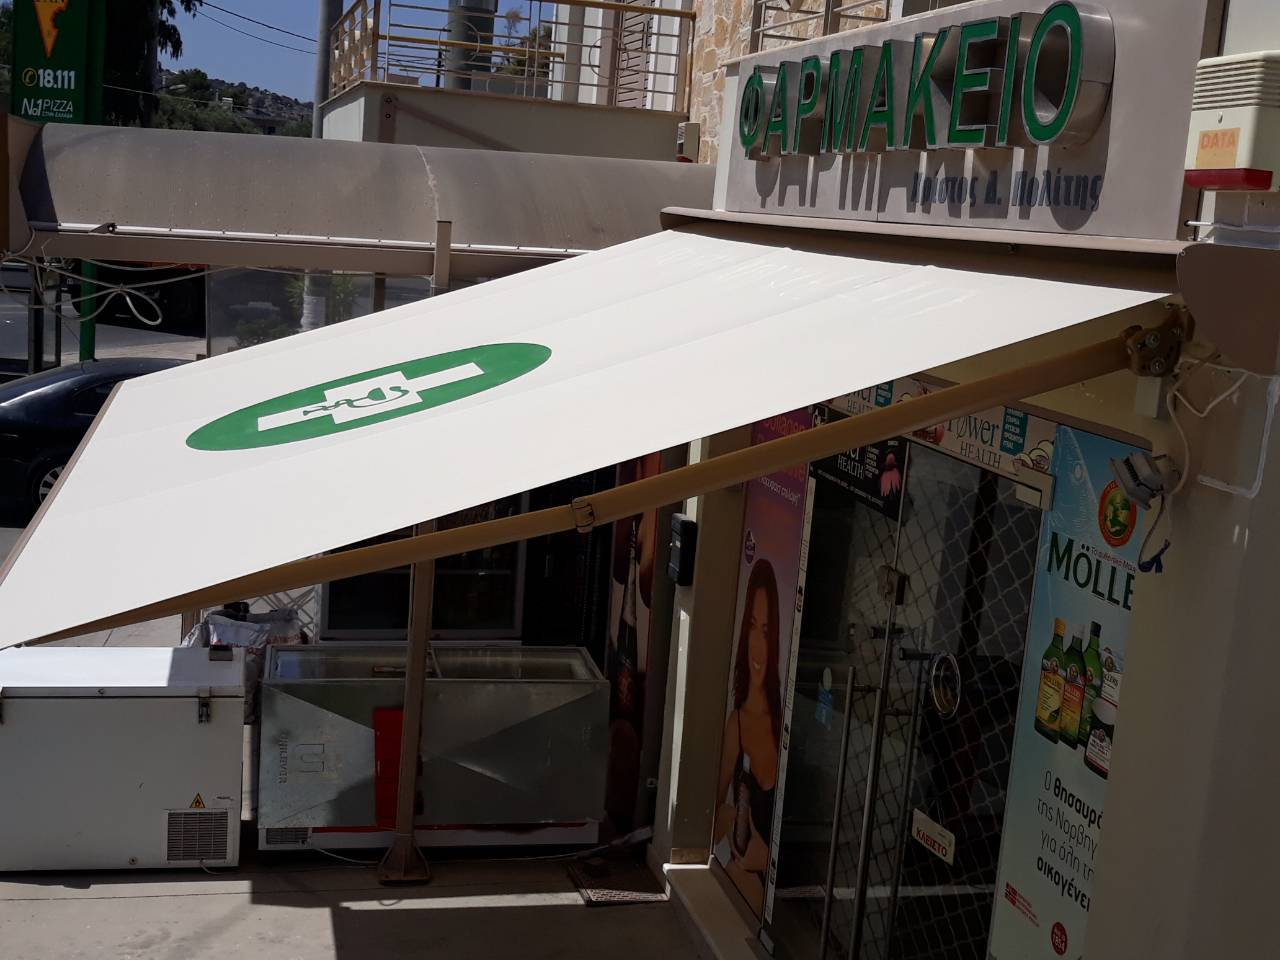 τέντες με βραχίονες σε φαρμακείο στην Αρτέμιδα - Tentagon